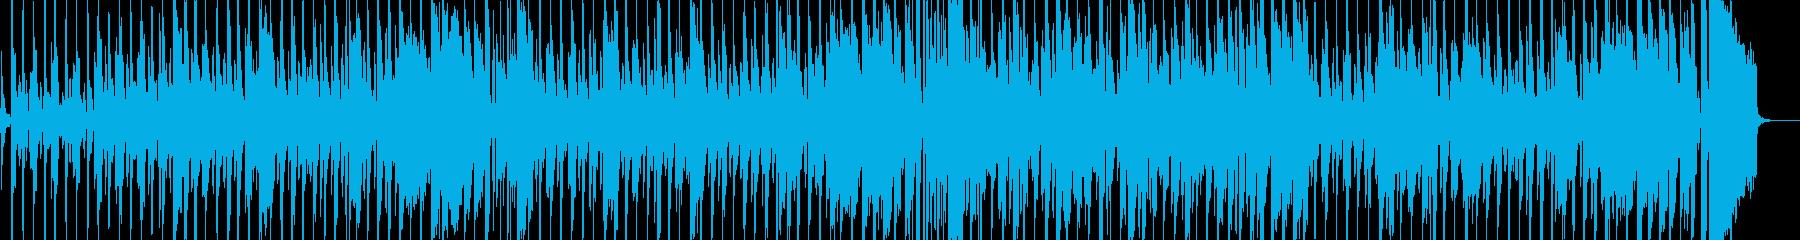 子供向けのわんぱくなブルース風BGMの再生済みの波形